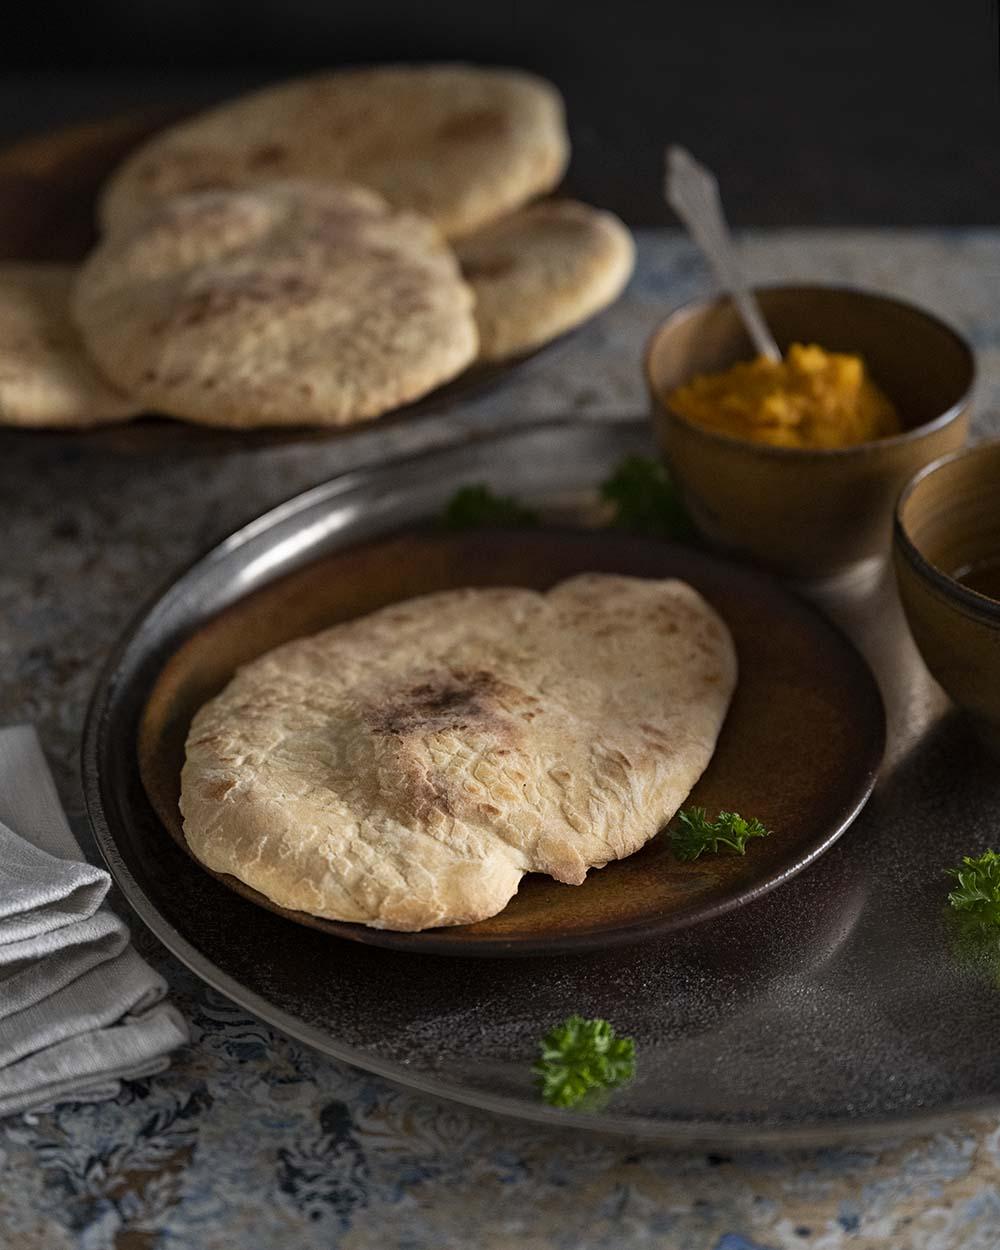 Das Naan Brot ist fertig gebacken und liegt auf einem Teller. Im Hintergrund sind Schalen mit Öl und Dip zu sehen.